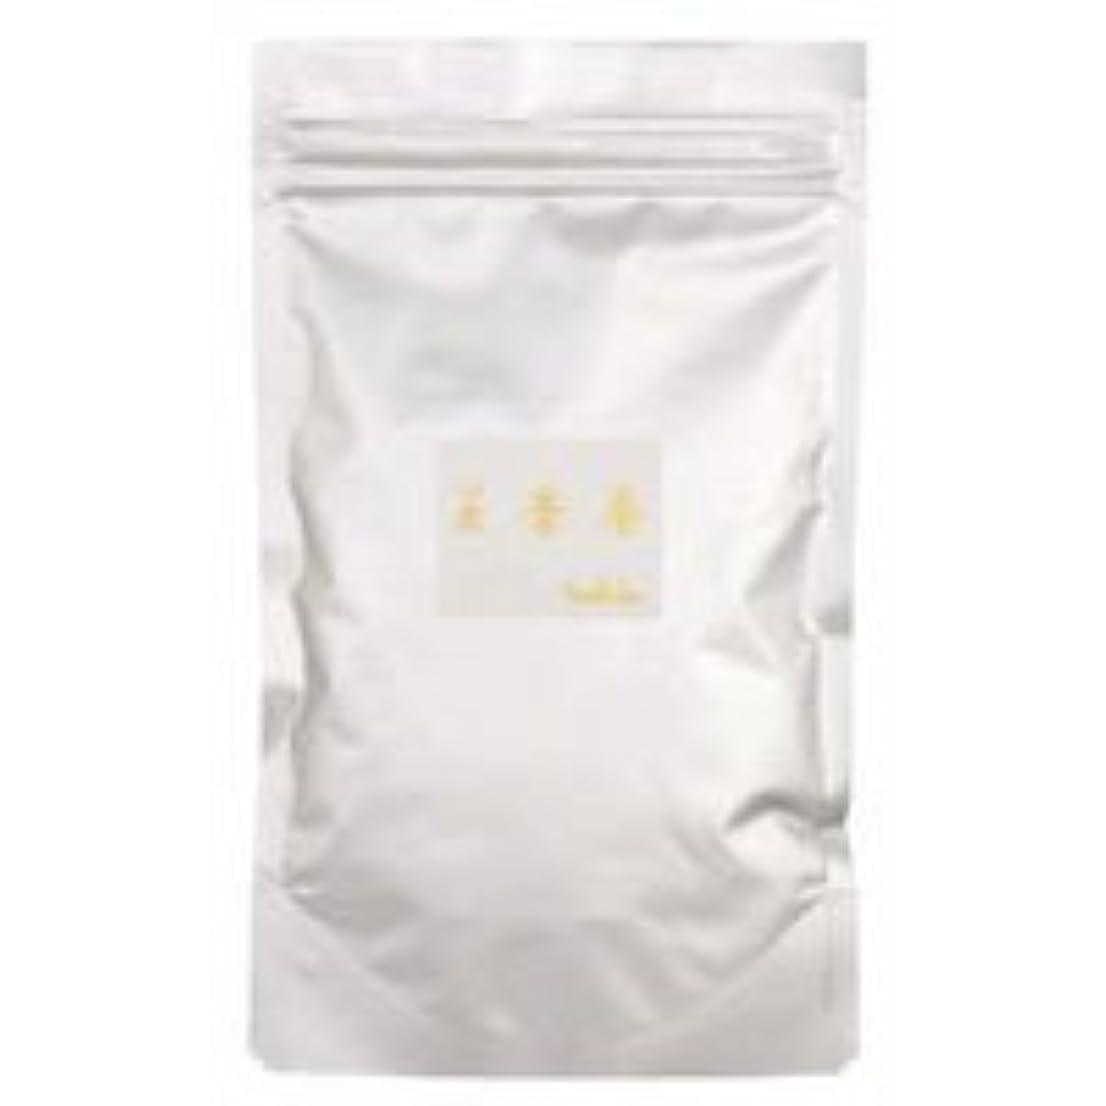 マスクジョージスティーブンソン成熟した美杏香浴用ハーミット 700g